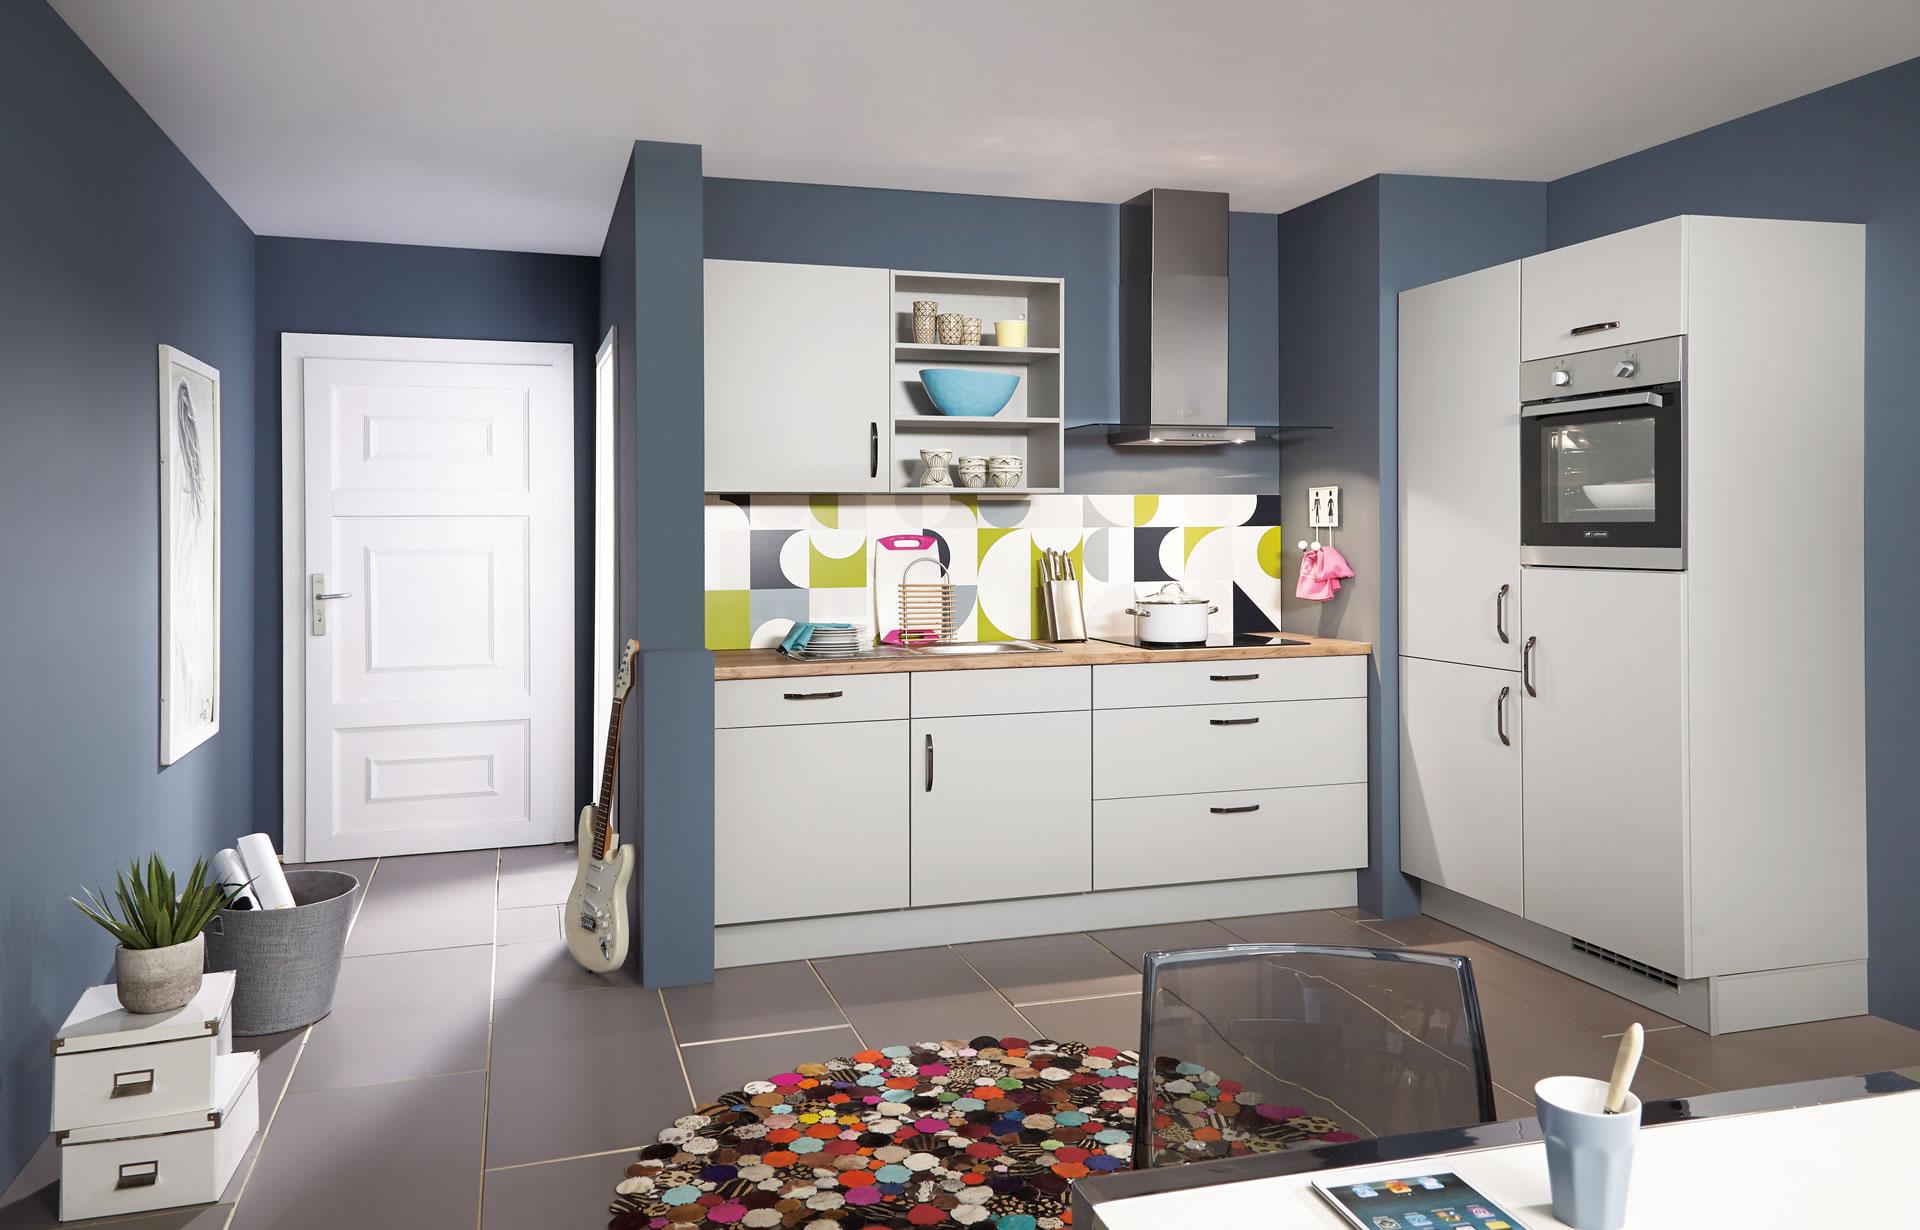 Singleküchen - überschaubare Zahl an Schränken und Schubladen